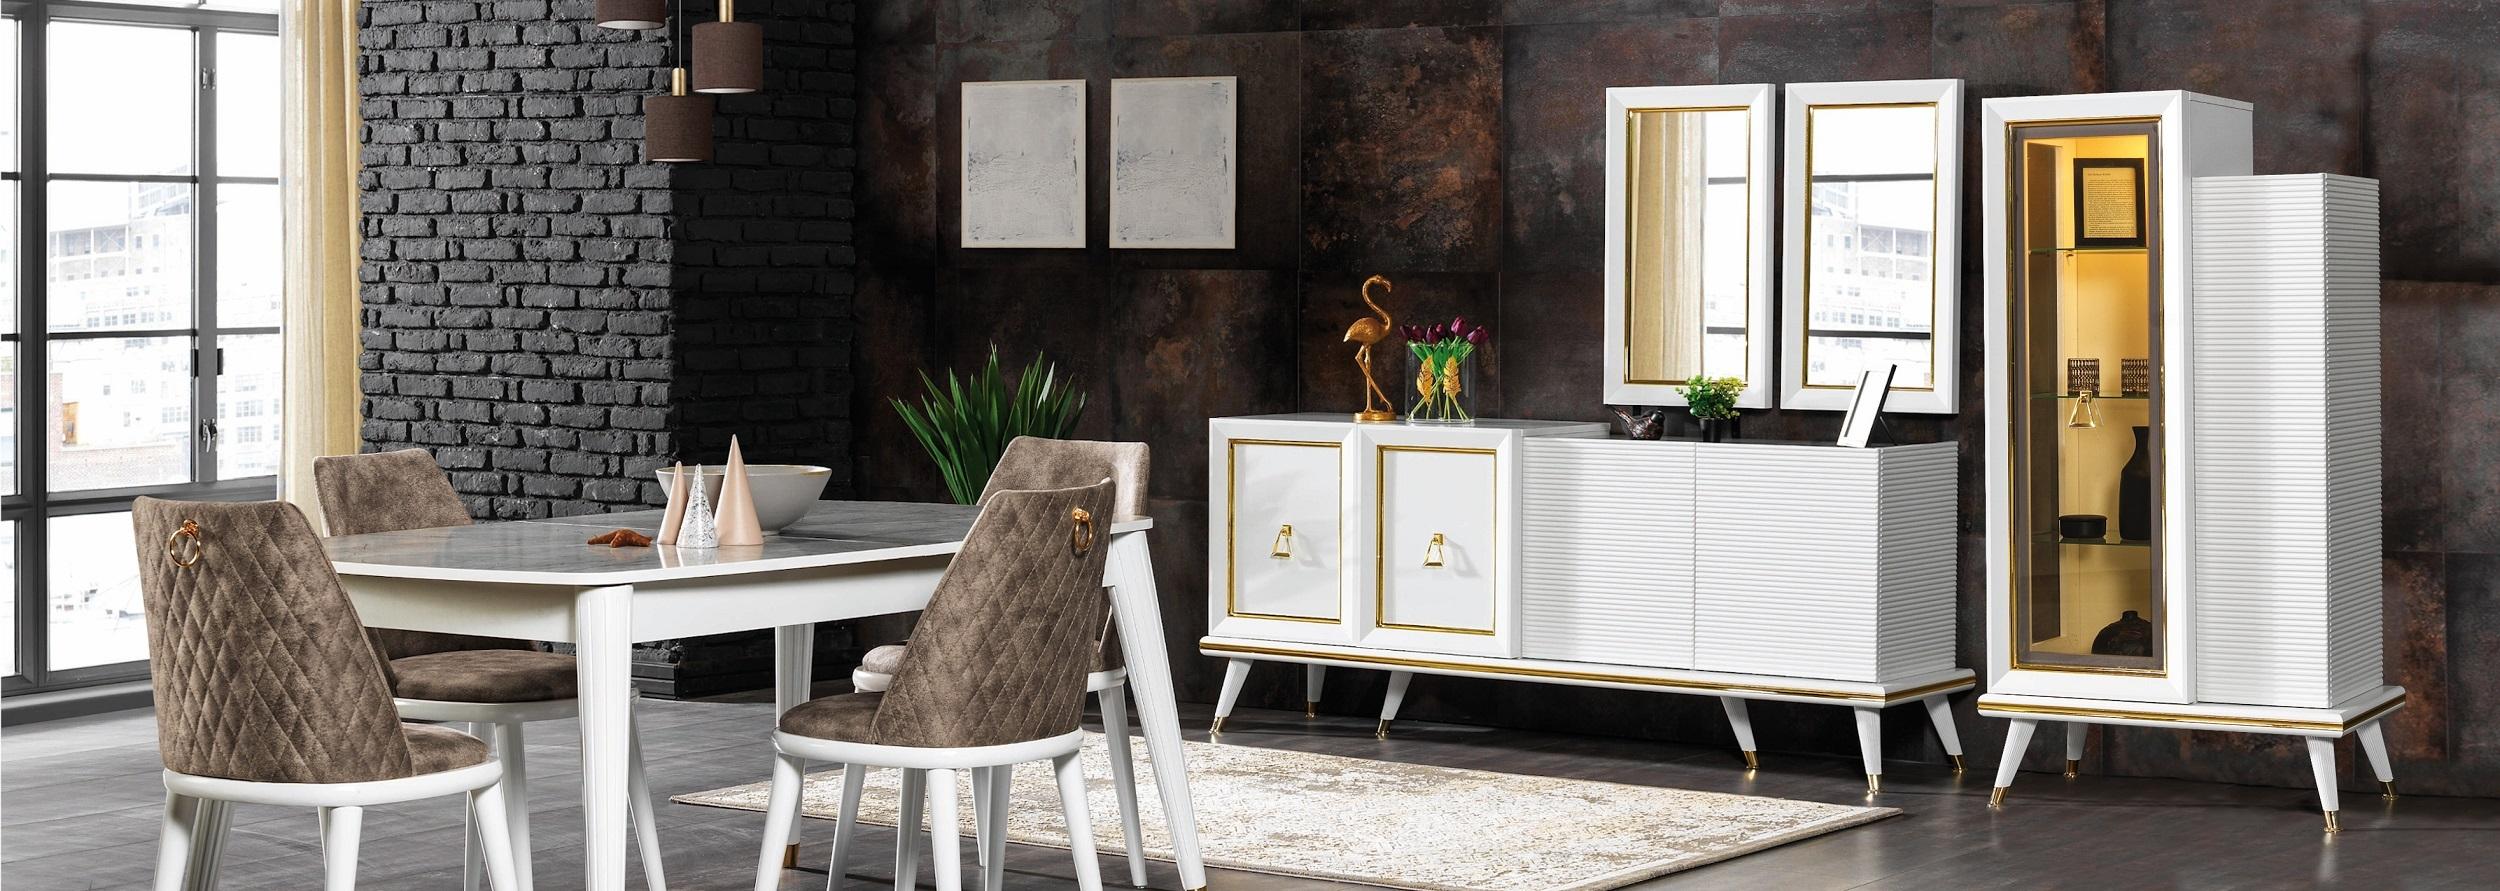 Set de mobila dining din pal si metal, 11 piese Toscana Alb / Auriu imagine